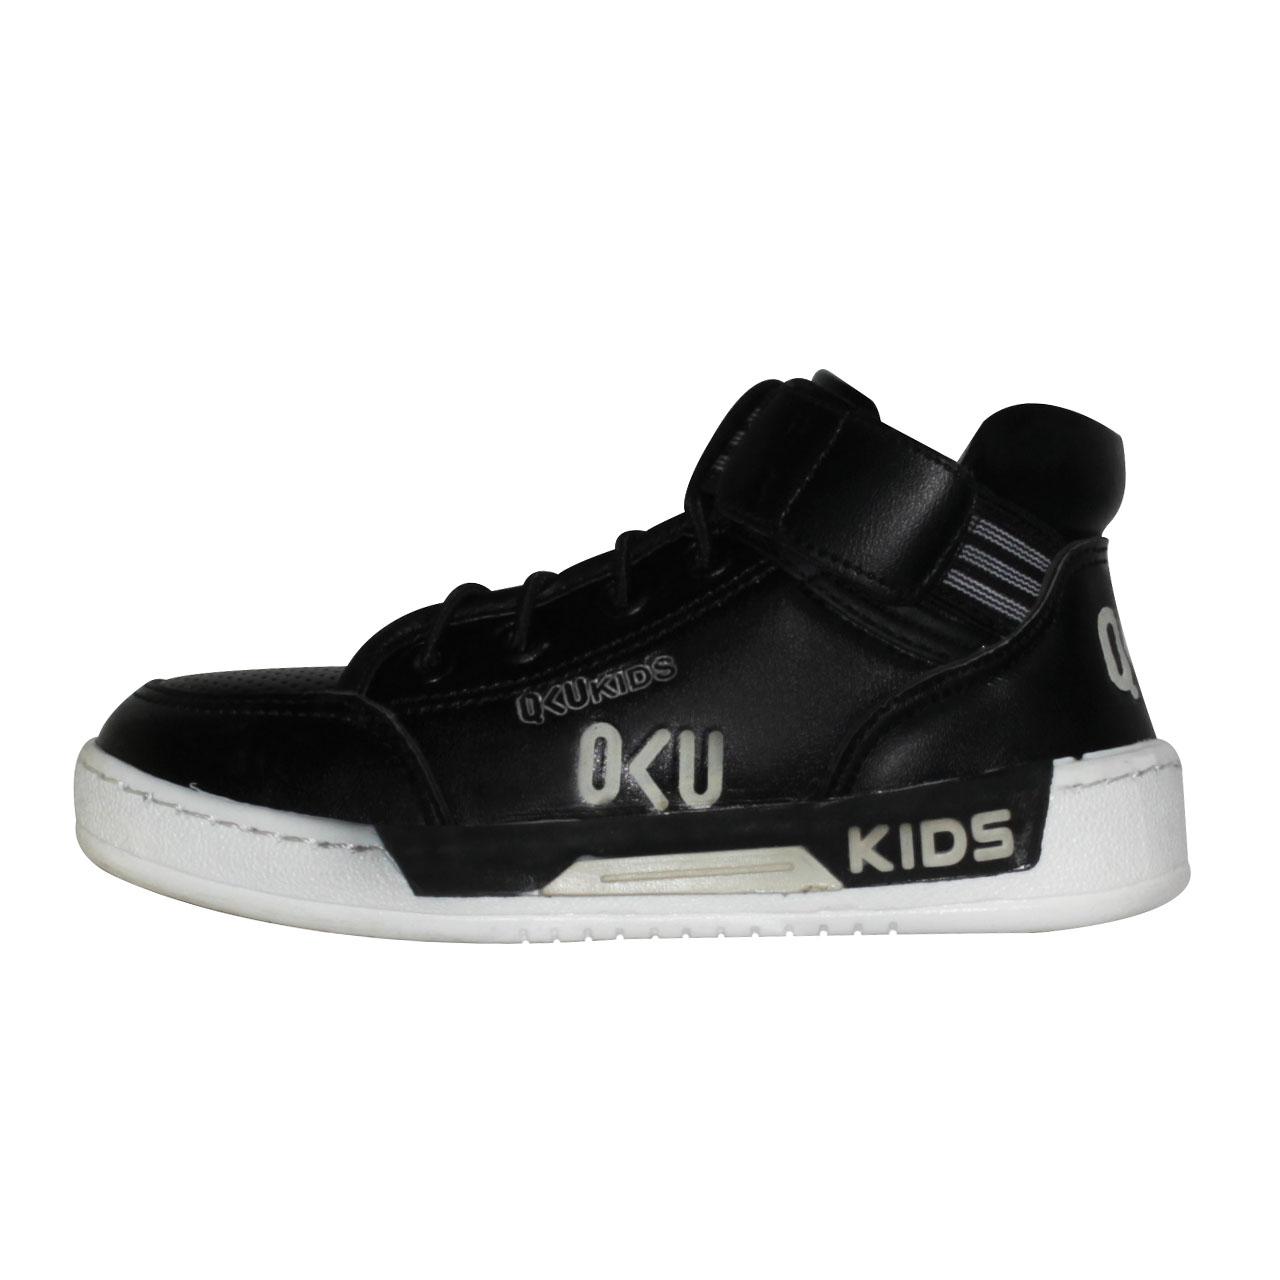 کفش مخصوص پیاده روی کیو کی یو کیدز مدل Hunter کد 01